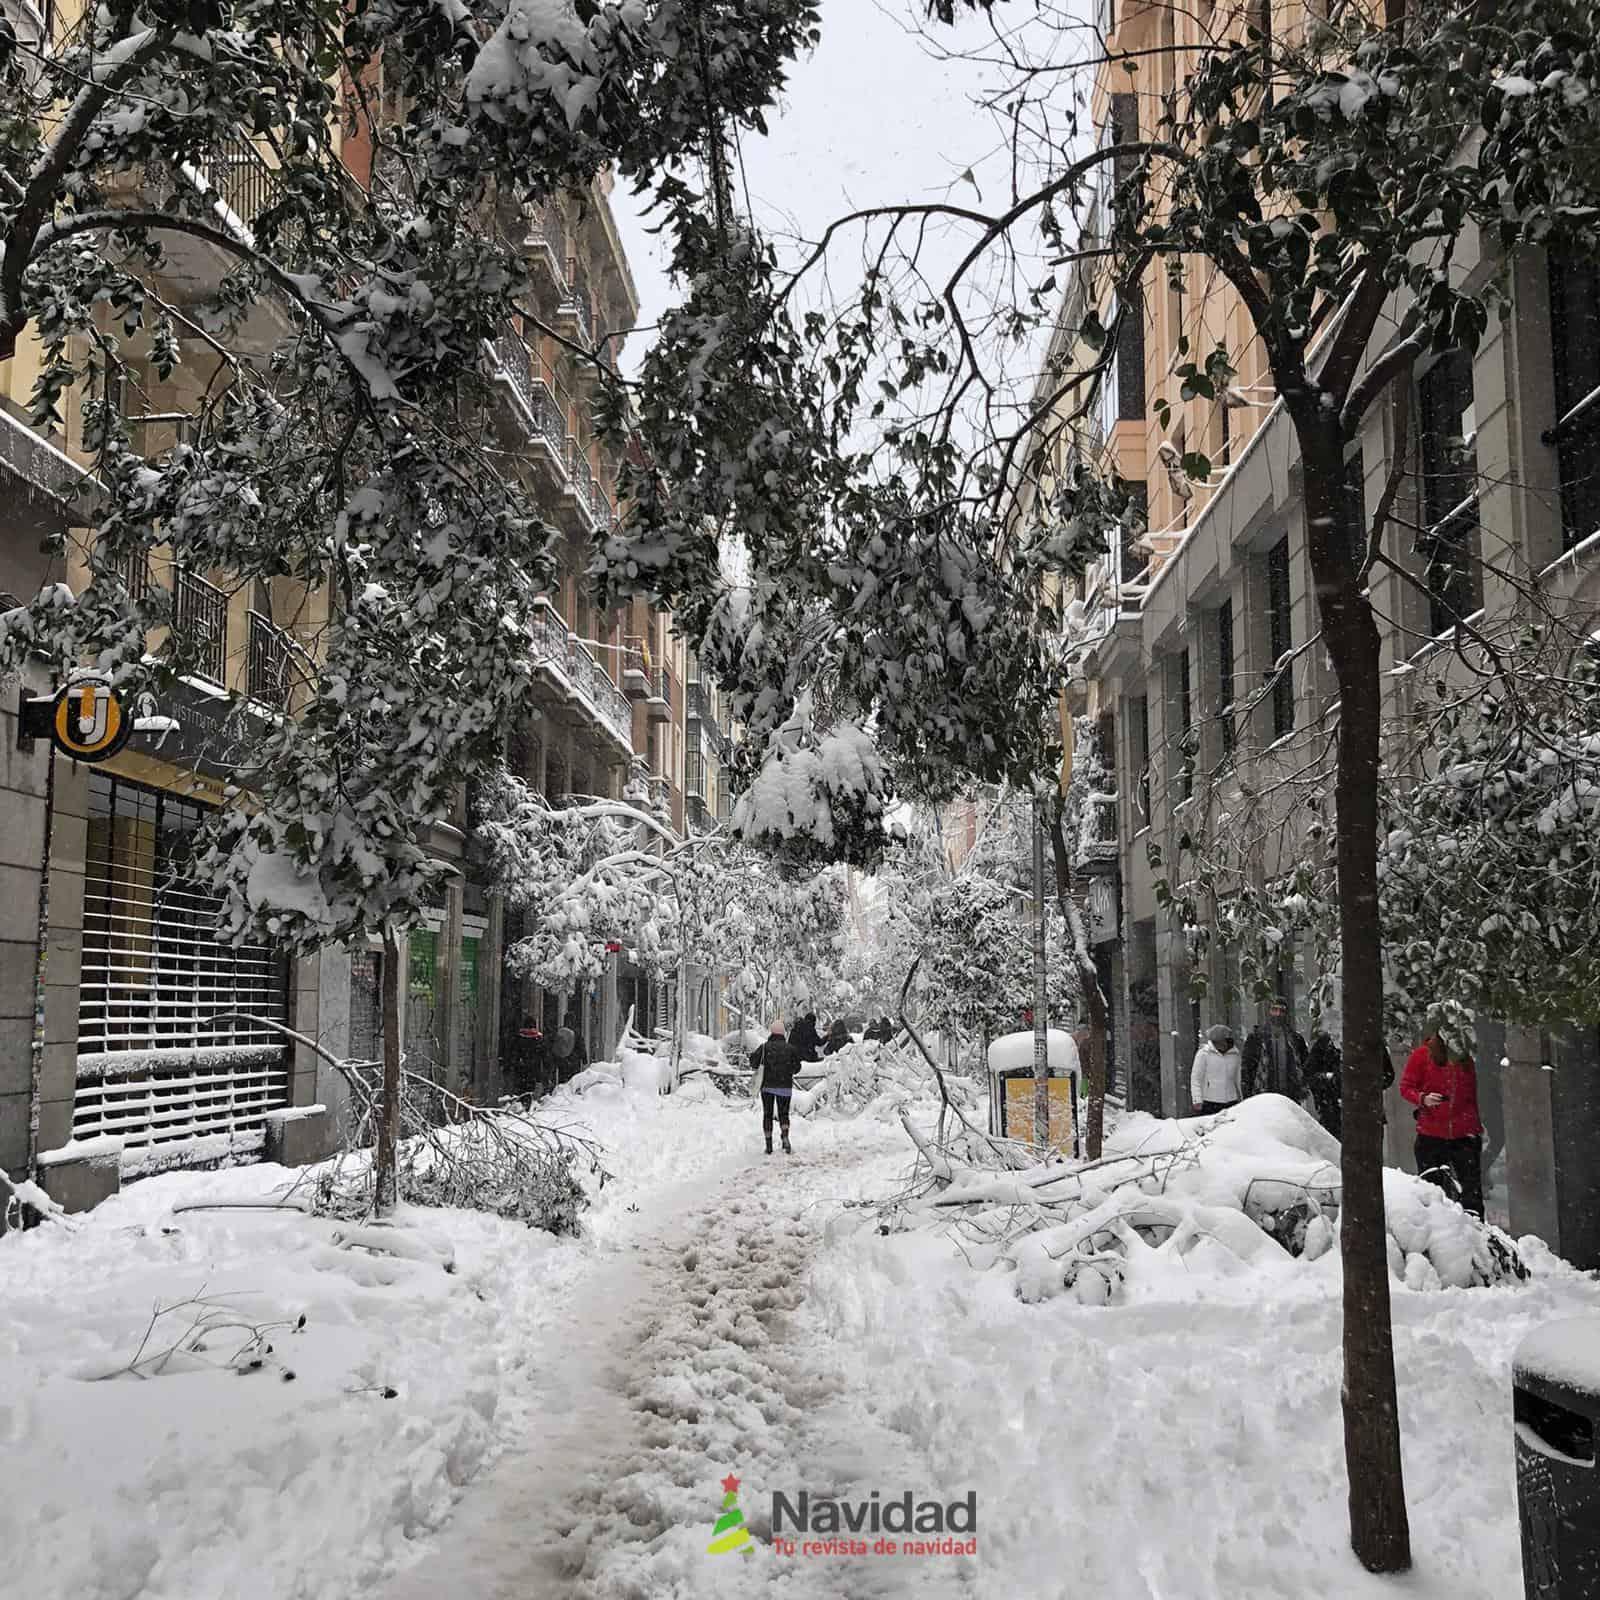 Fotografías de la nevada de enero en Madrid (España) 110